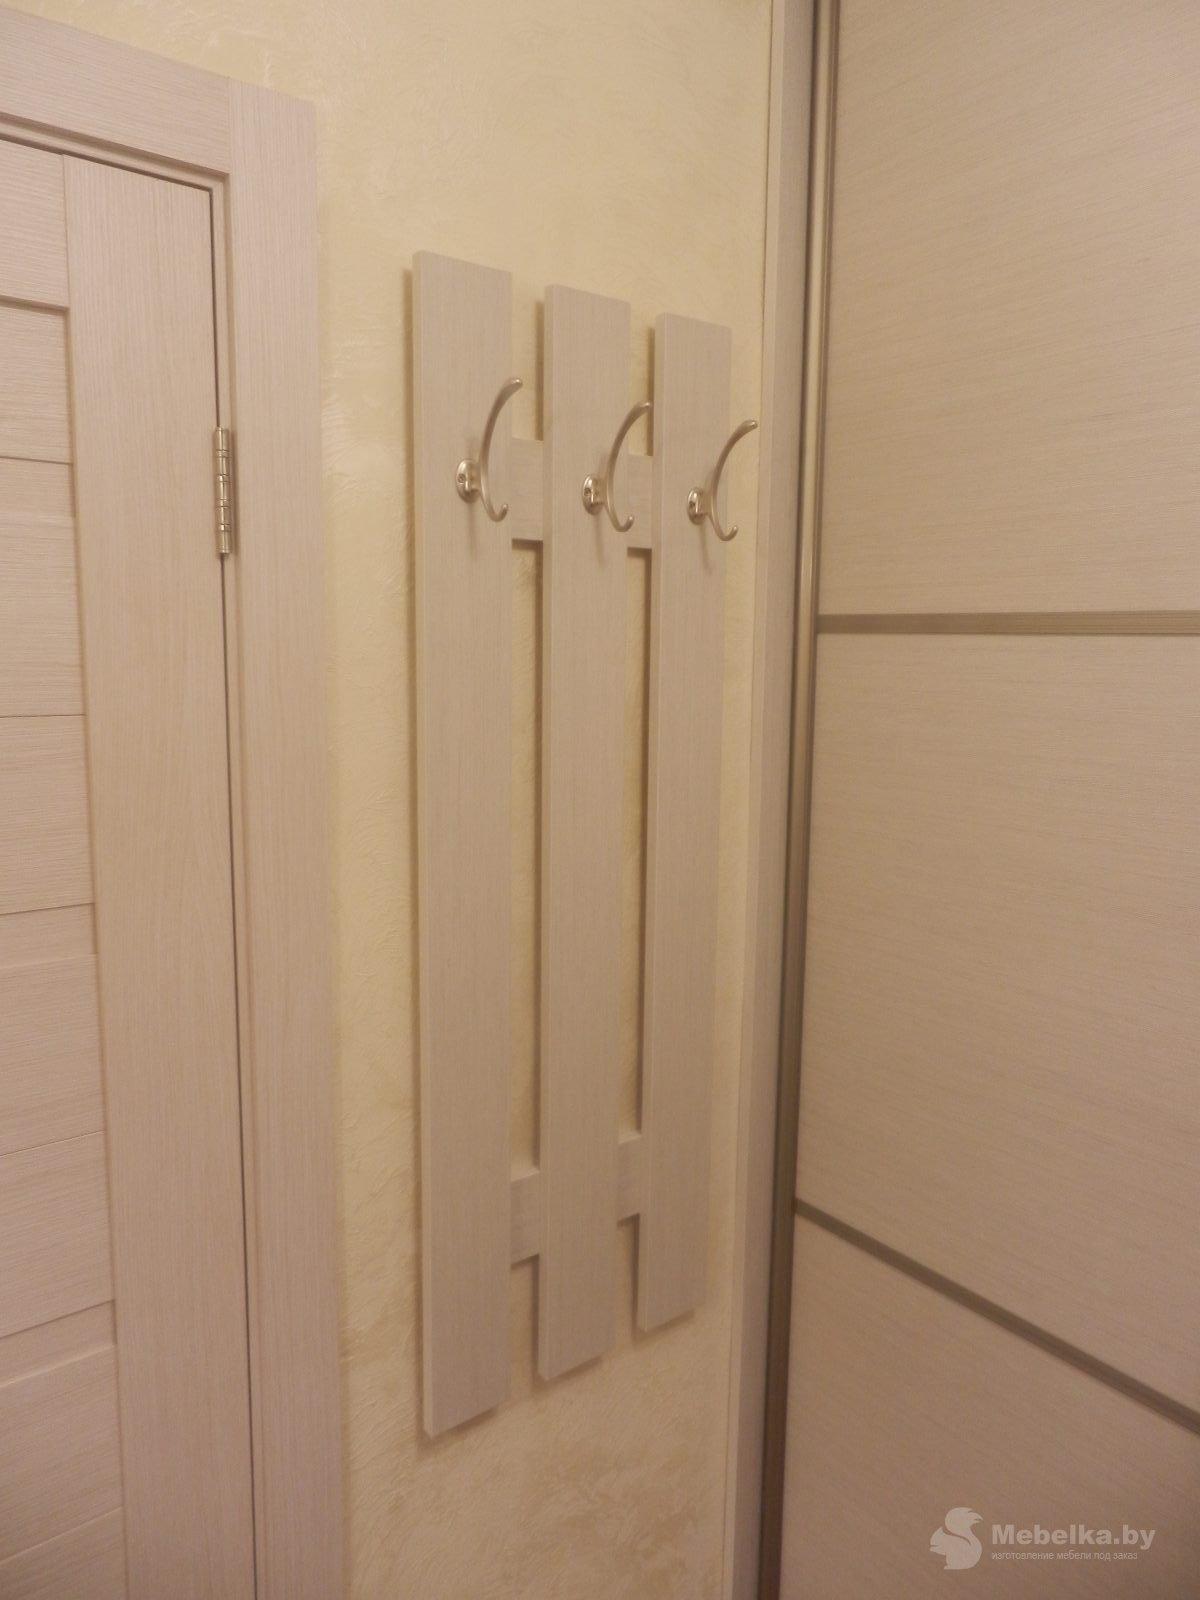 Панель с крючками для верхней одежды возле шкафа-купе